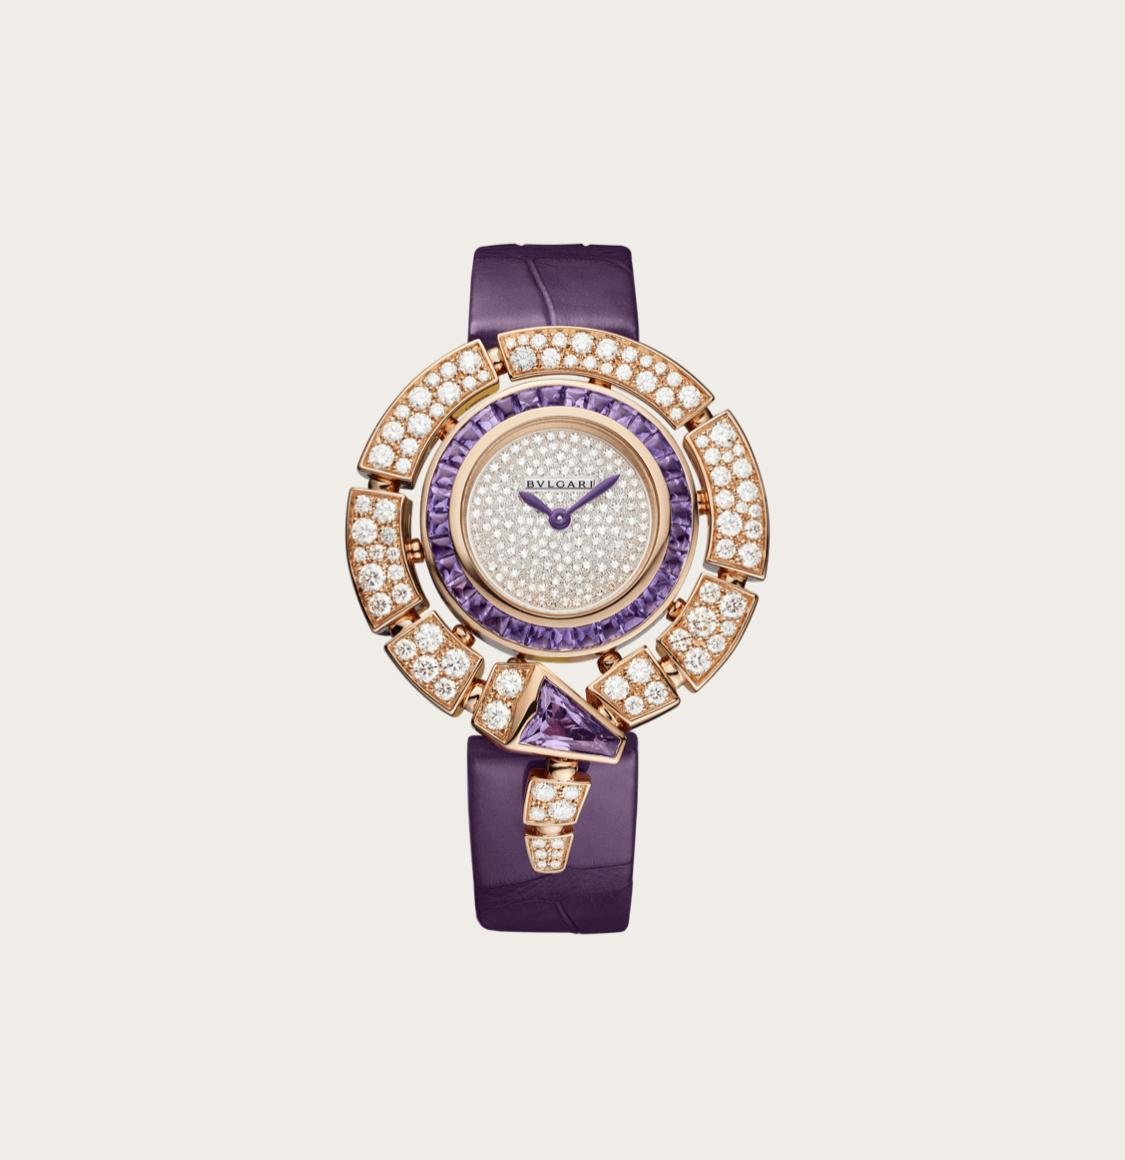 ساعة سيربنتي الأرجوانية من بولغري Bvlgari